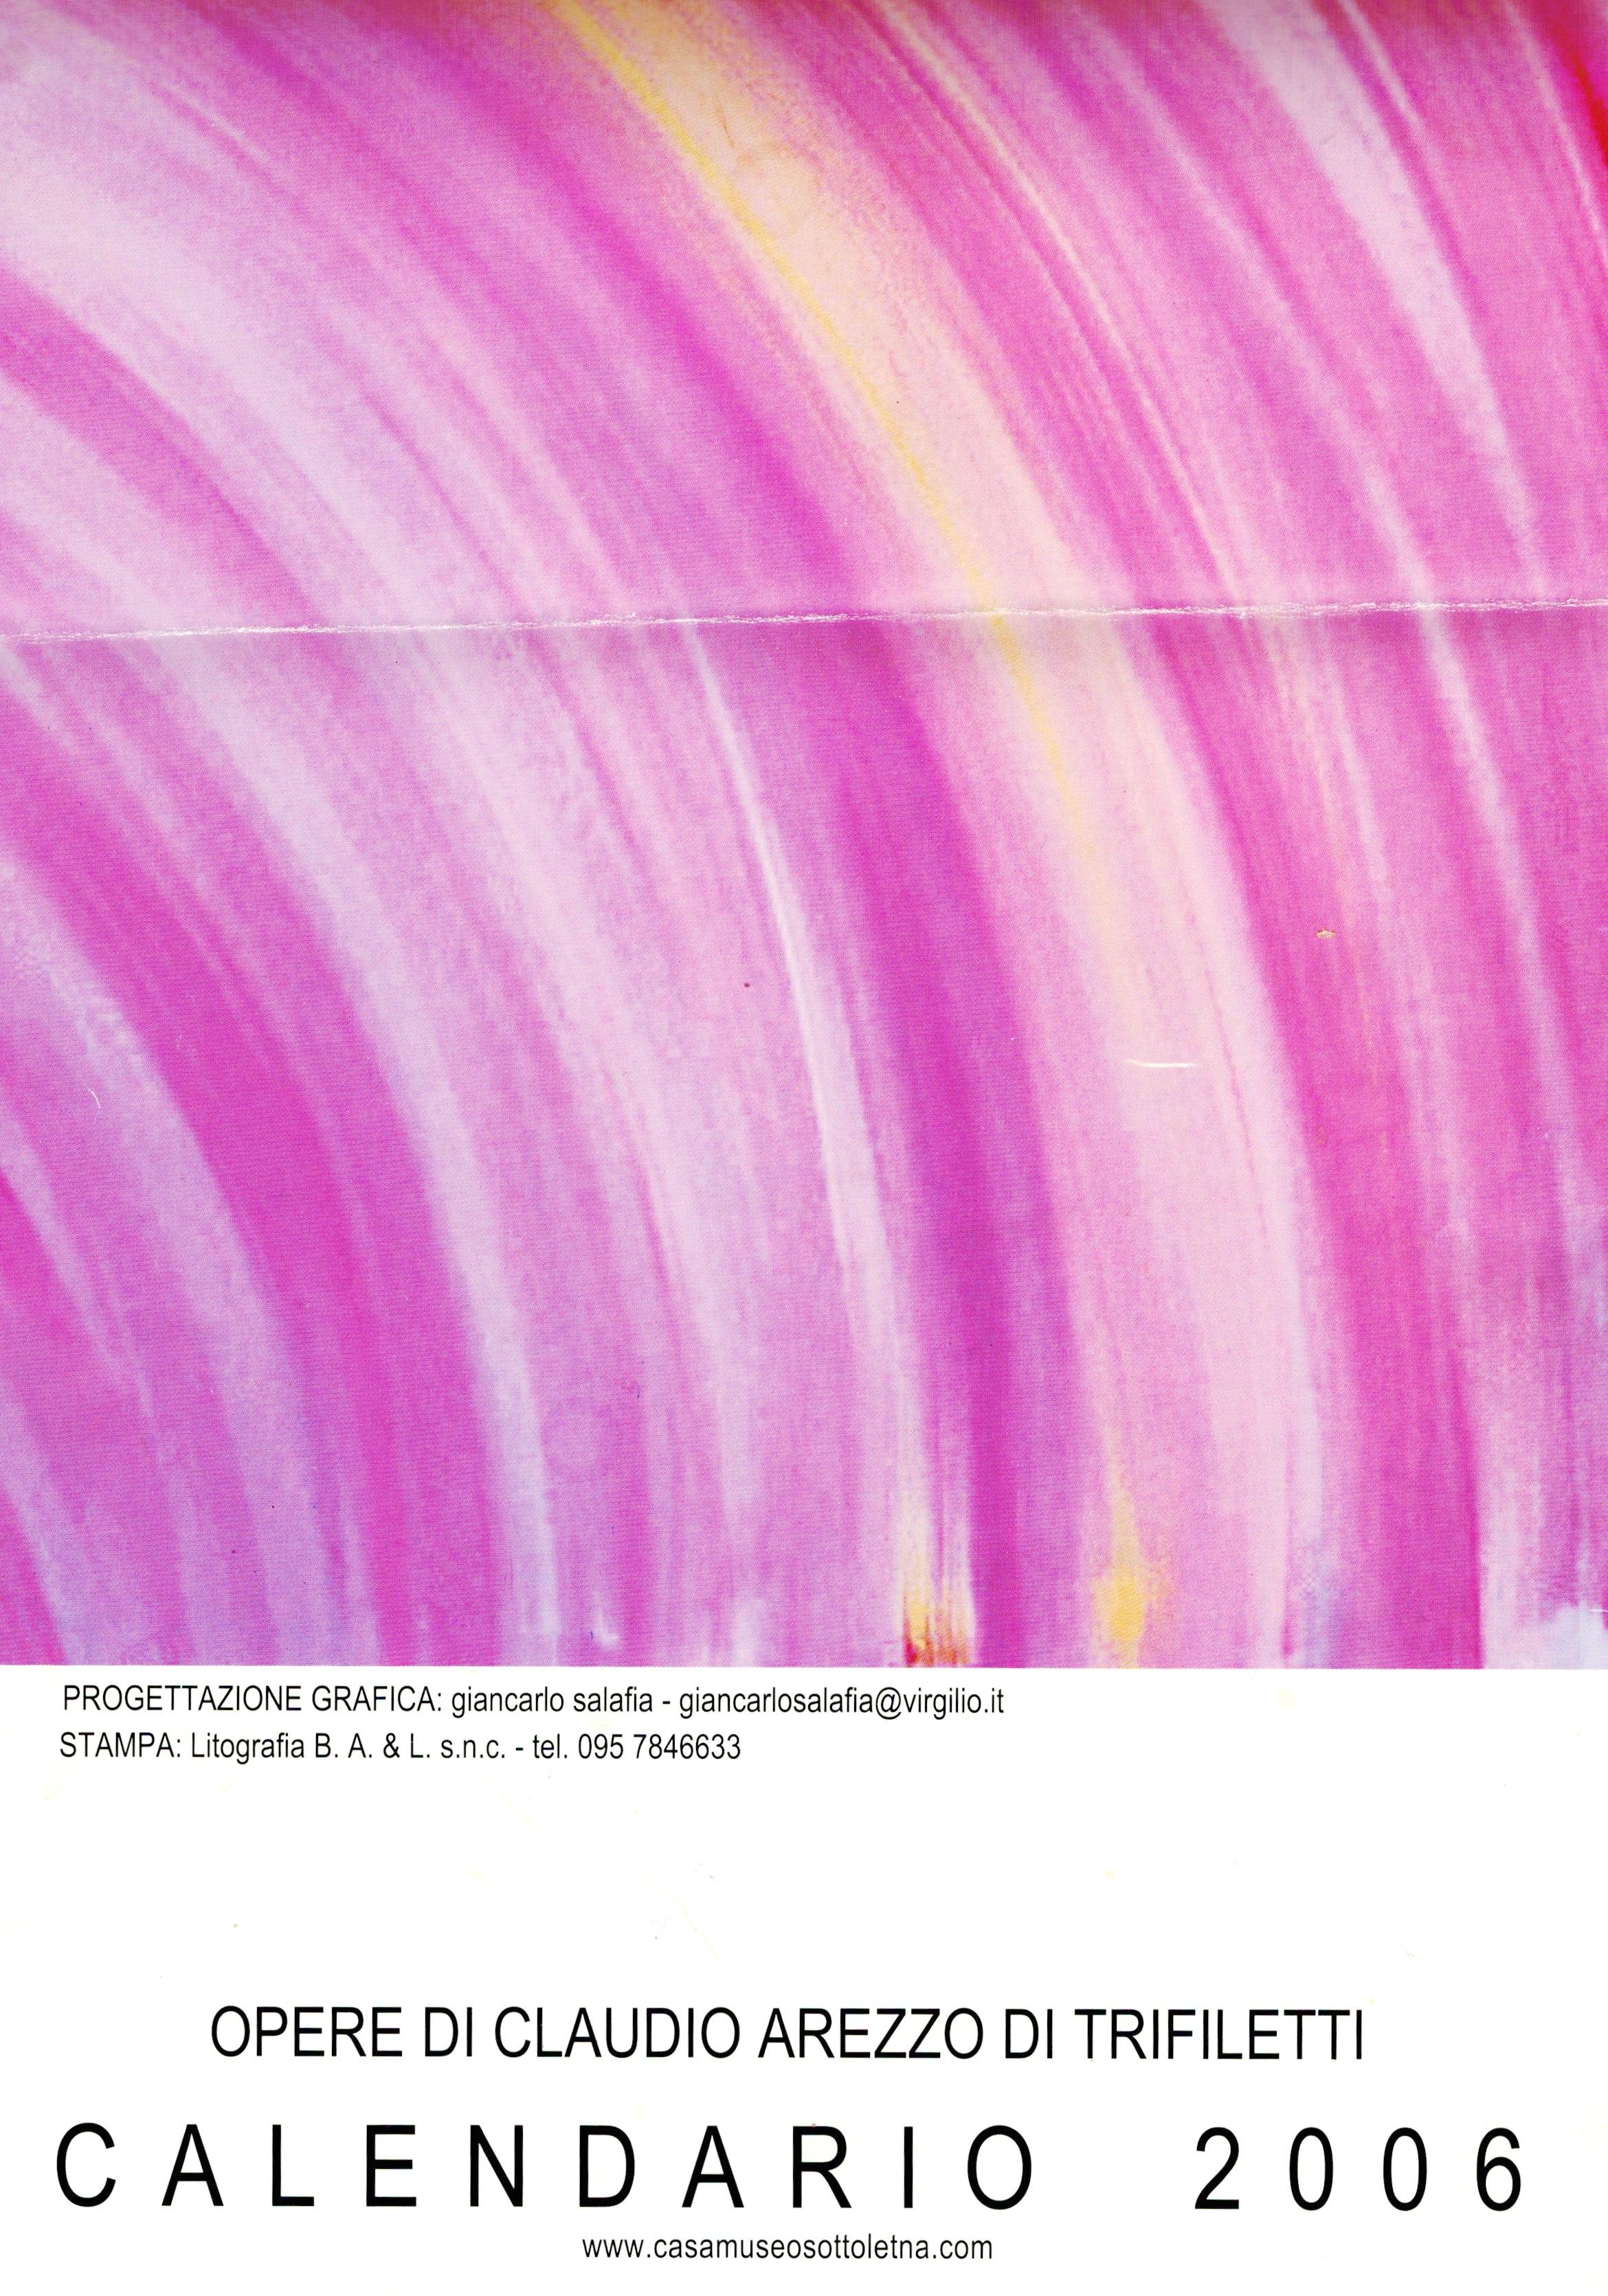 CLAUDIO AREZZO DI TRIFILETTI 2006 CALENDARIO